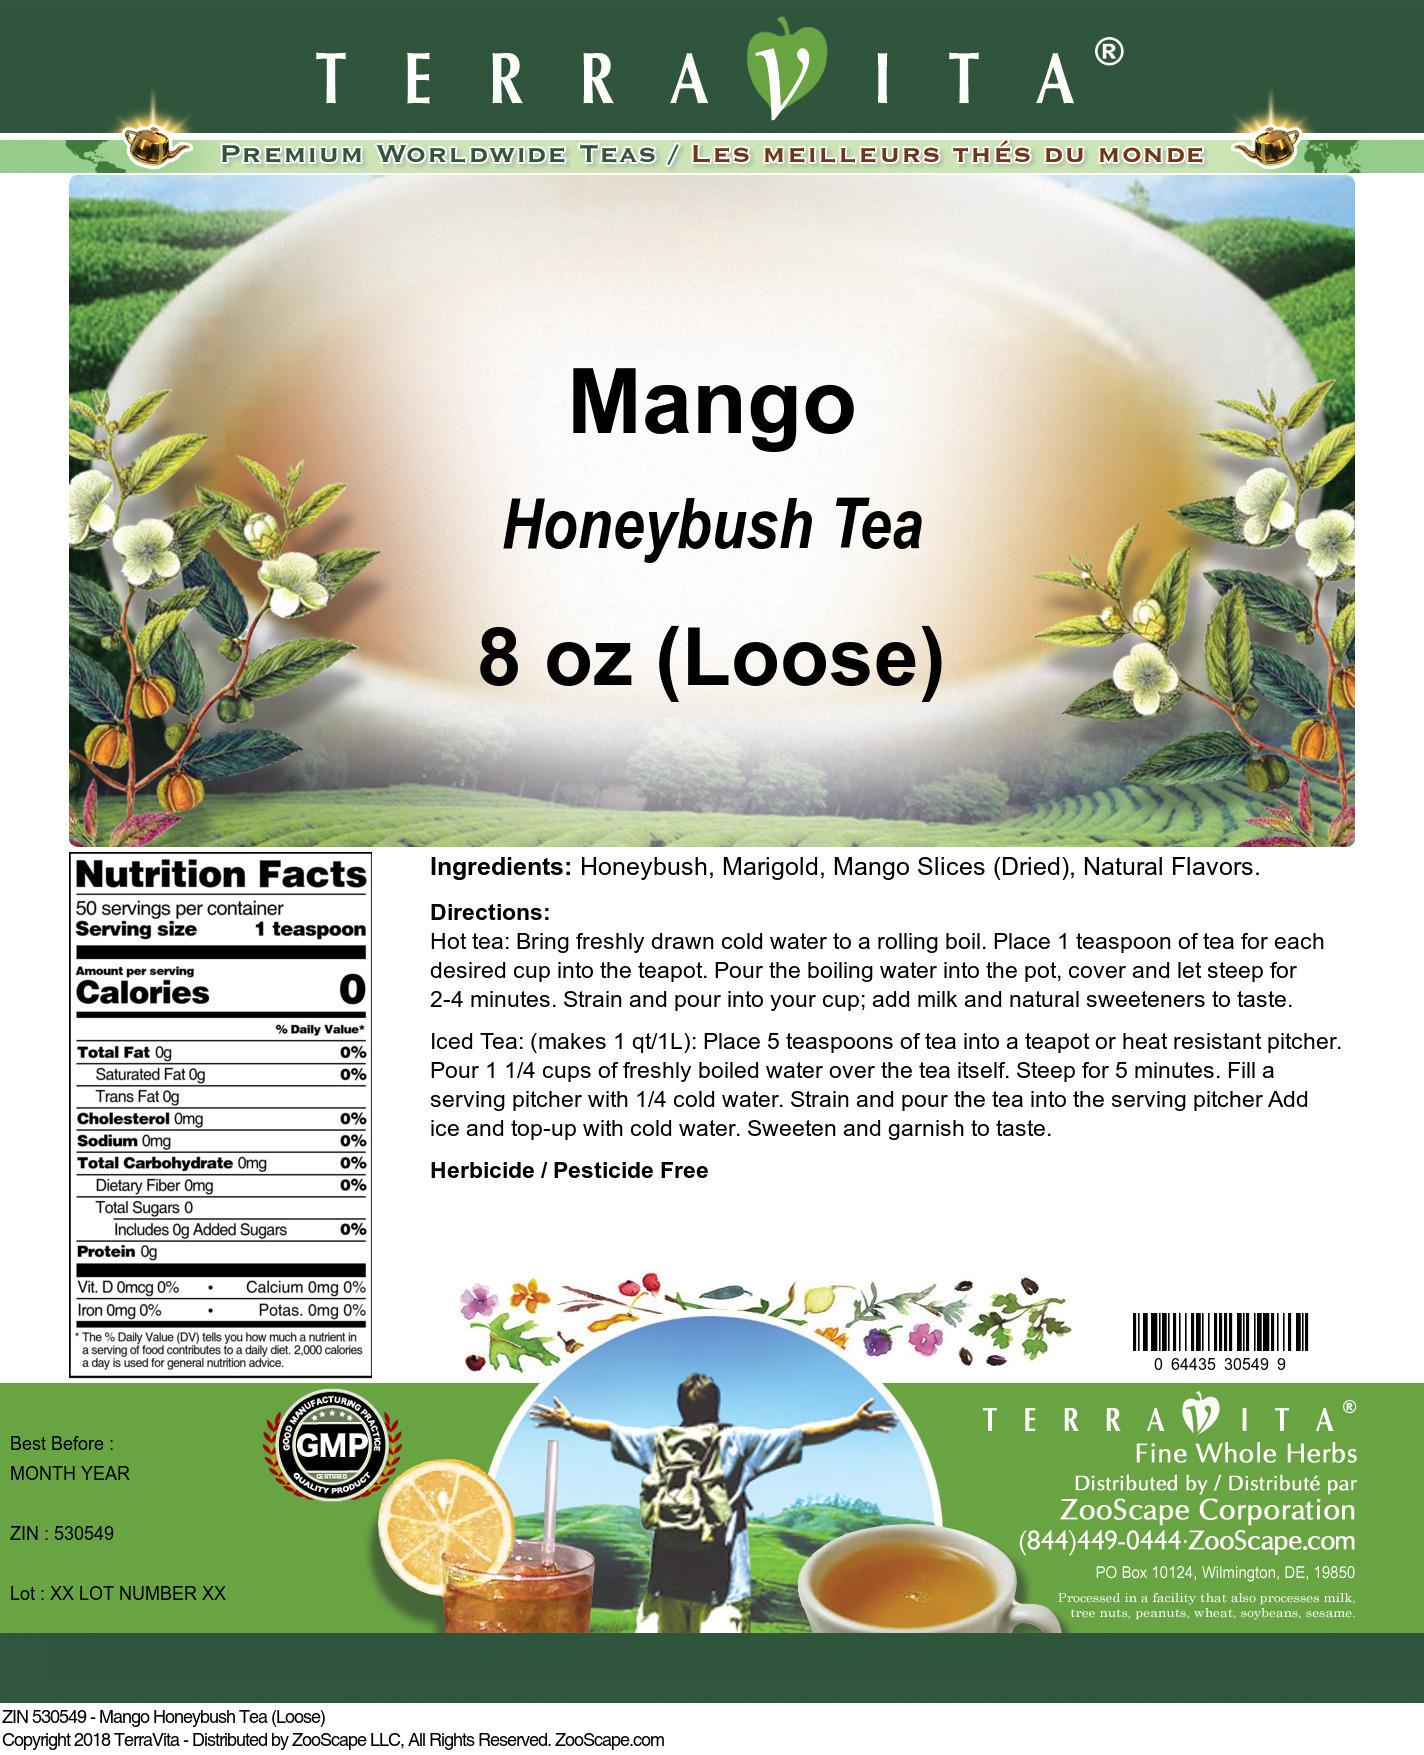 Mango Honeybush Tea (Loose)